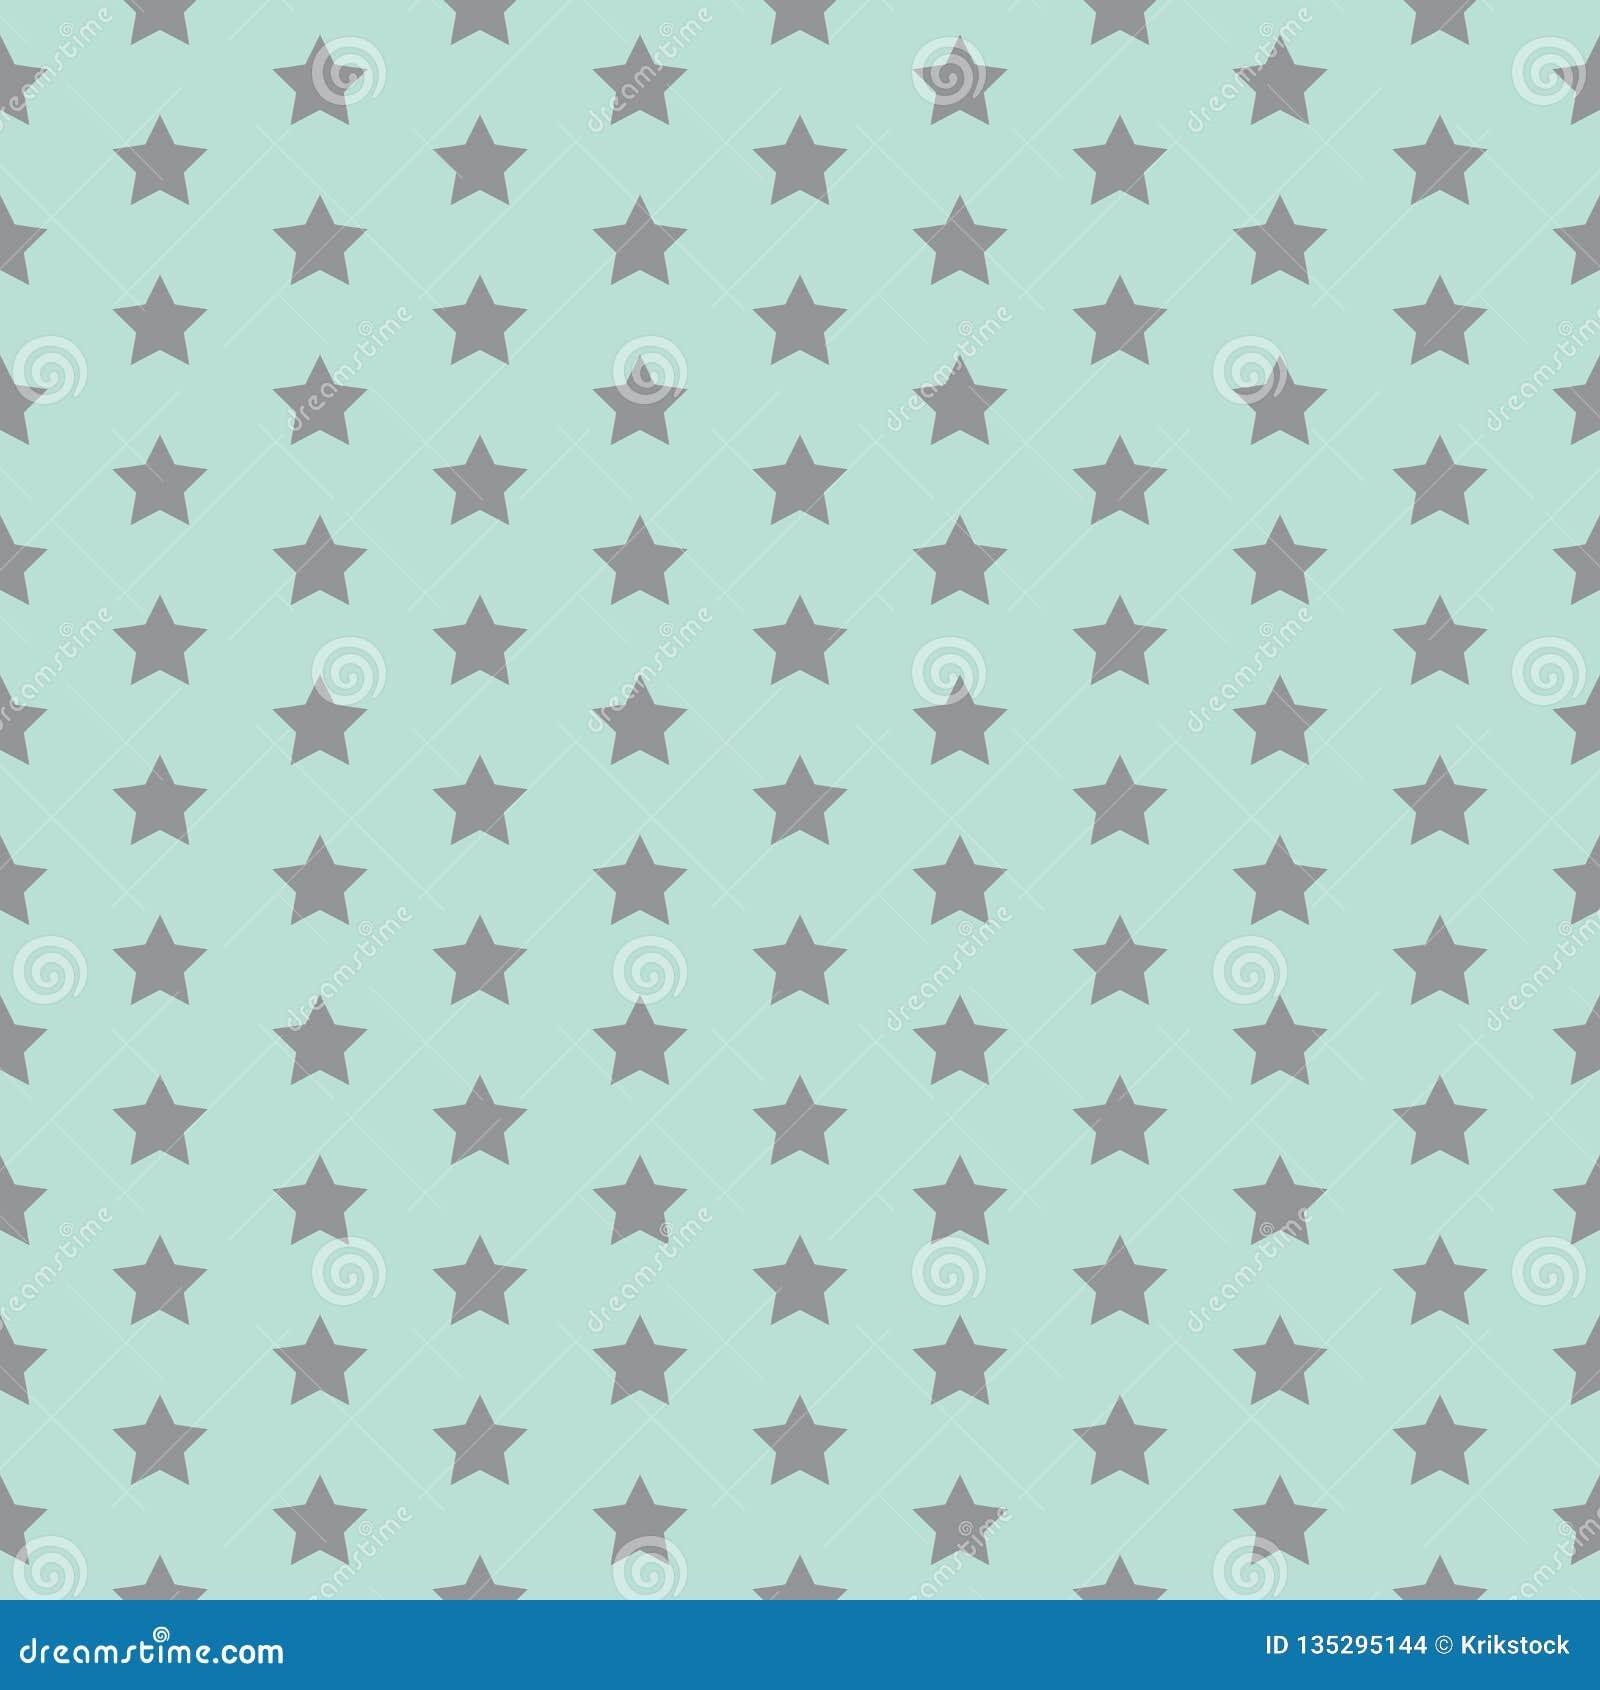 Gwiazdowy wzór Śmieszny druk dziecka tła kopii przestrzeni tekst Wektorowa ilustracja z małymi gwiazdami Prosty dzieciaka projekt